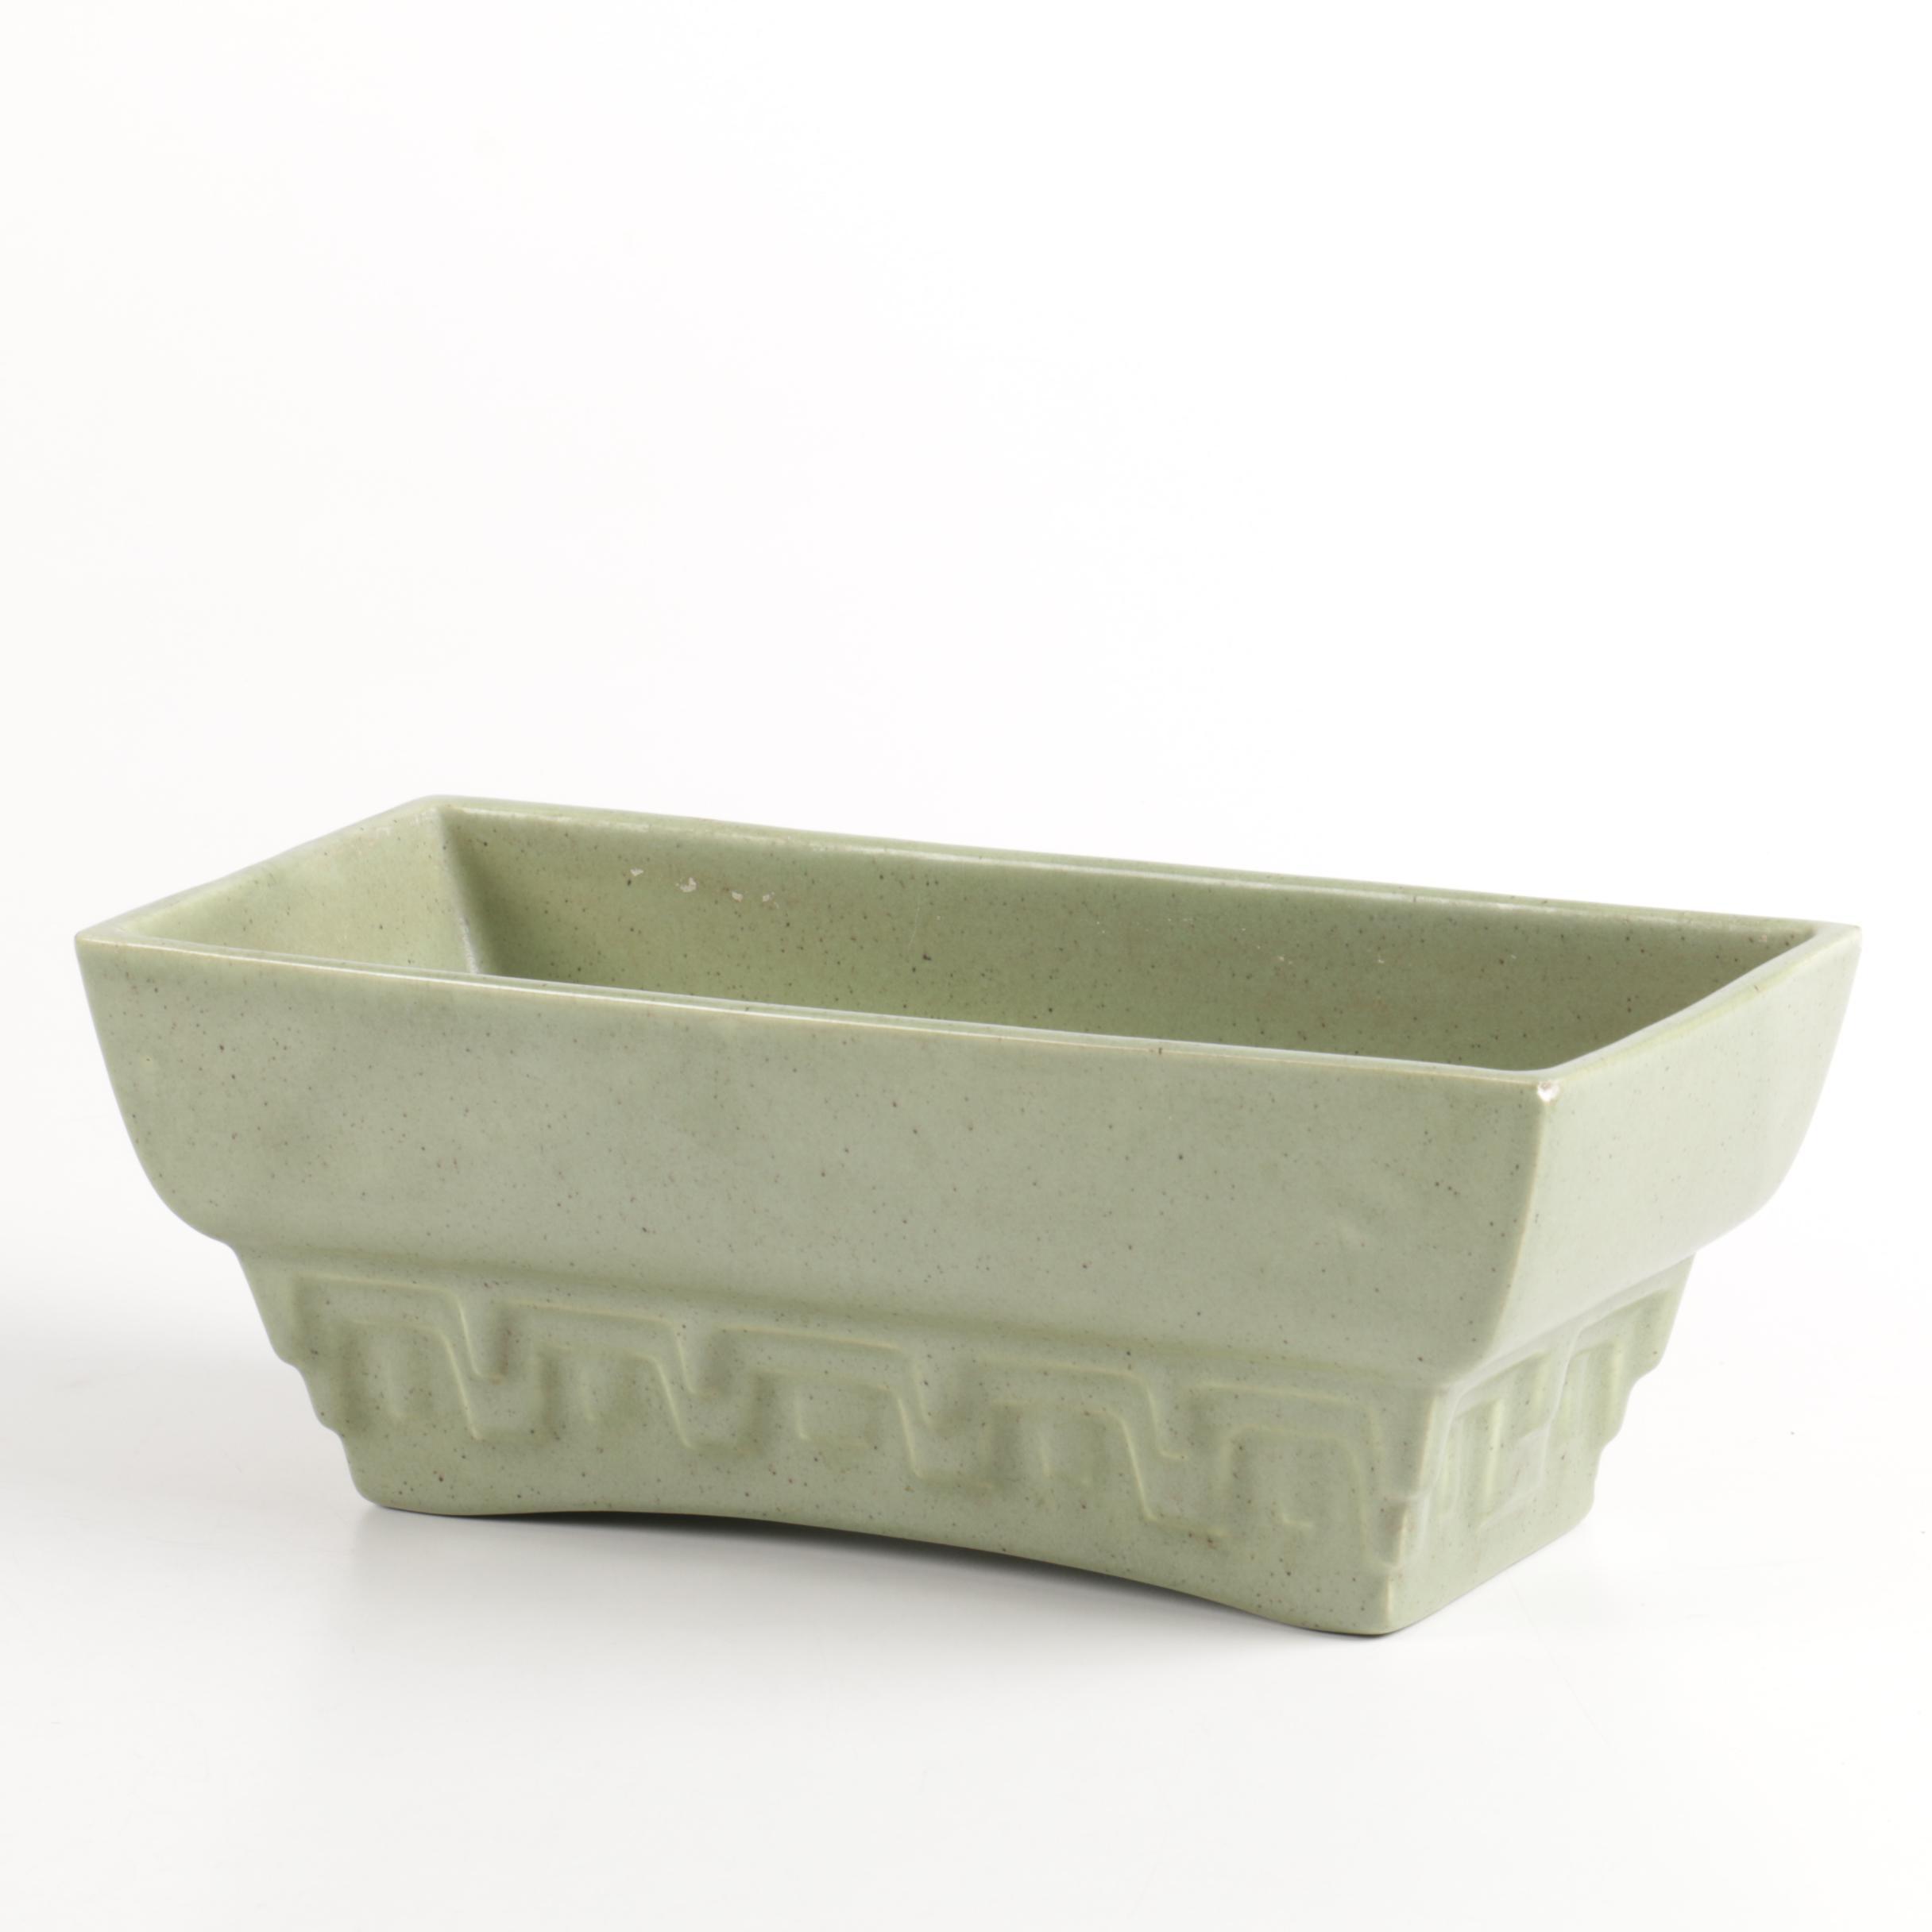 Haeger Green Ceramic Planter